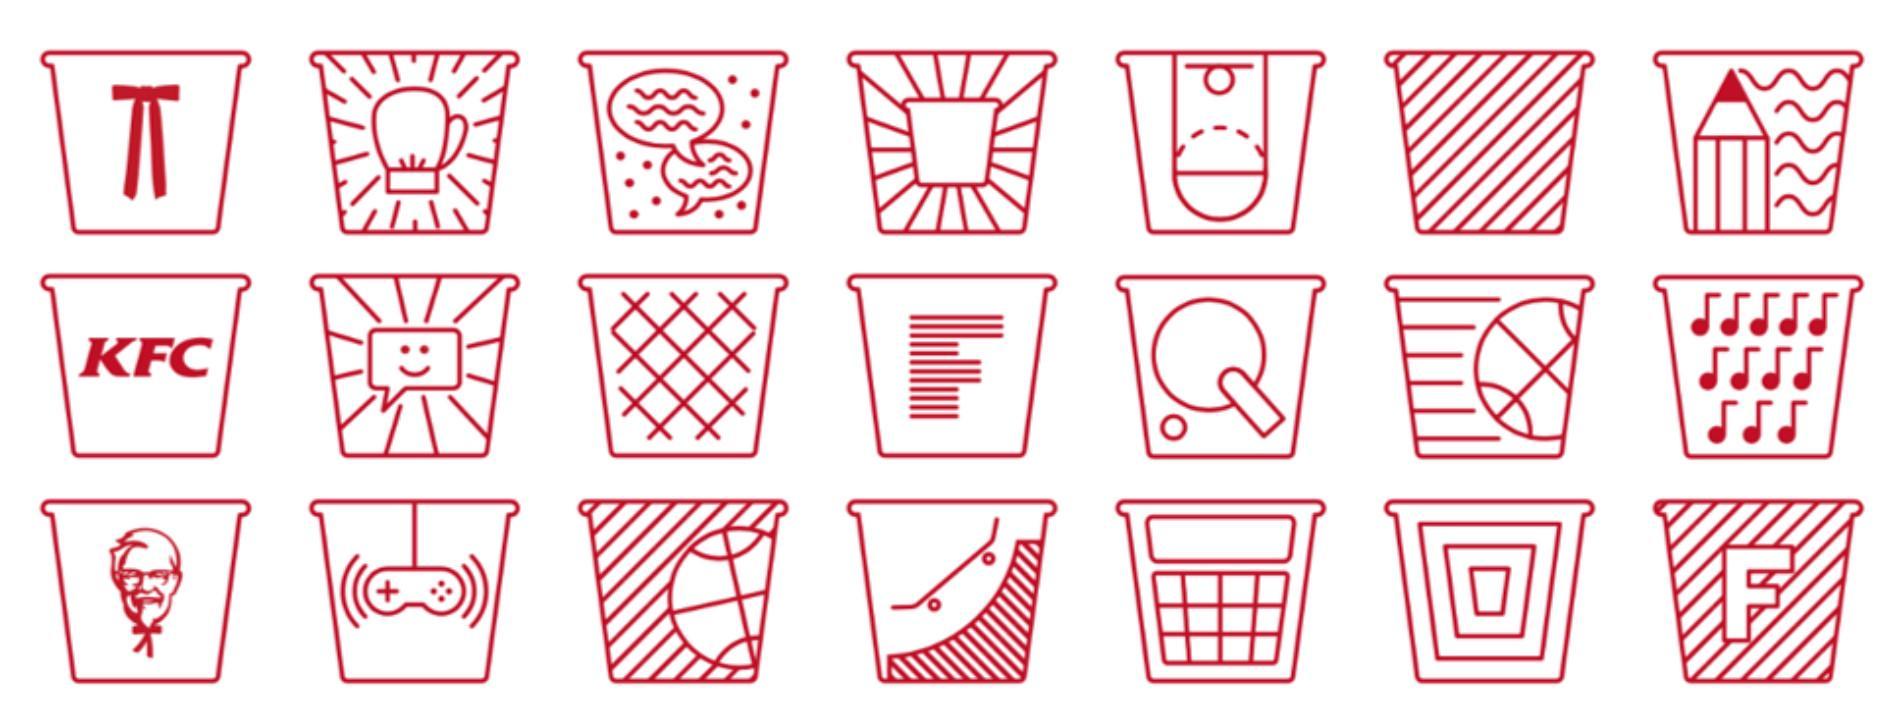 KFC Foundation Buckets